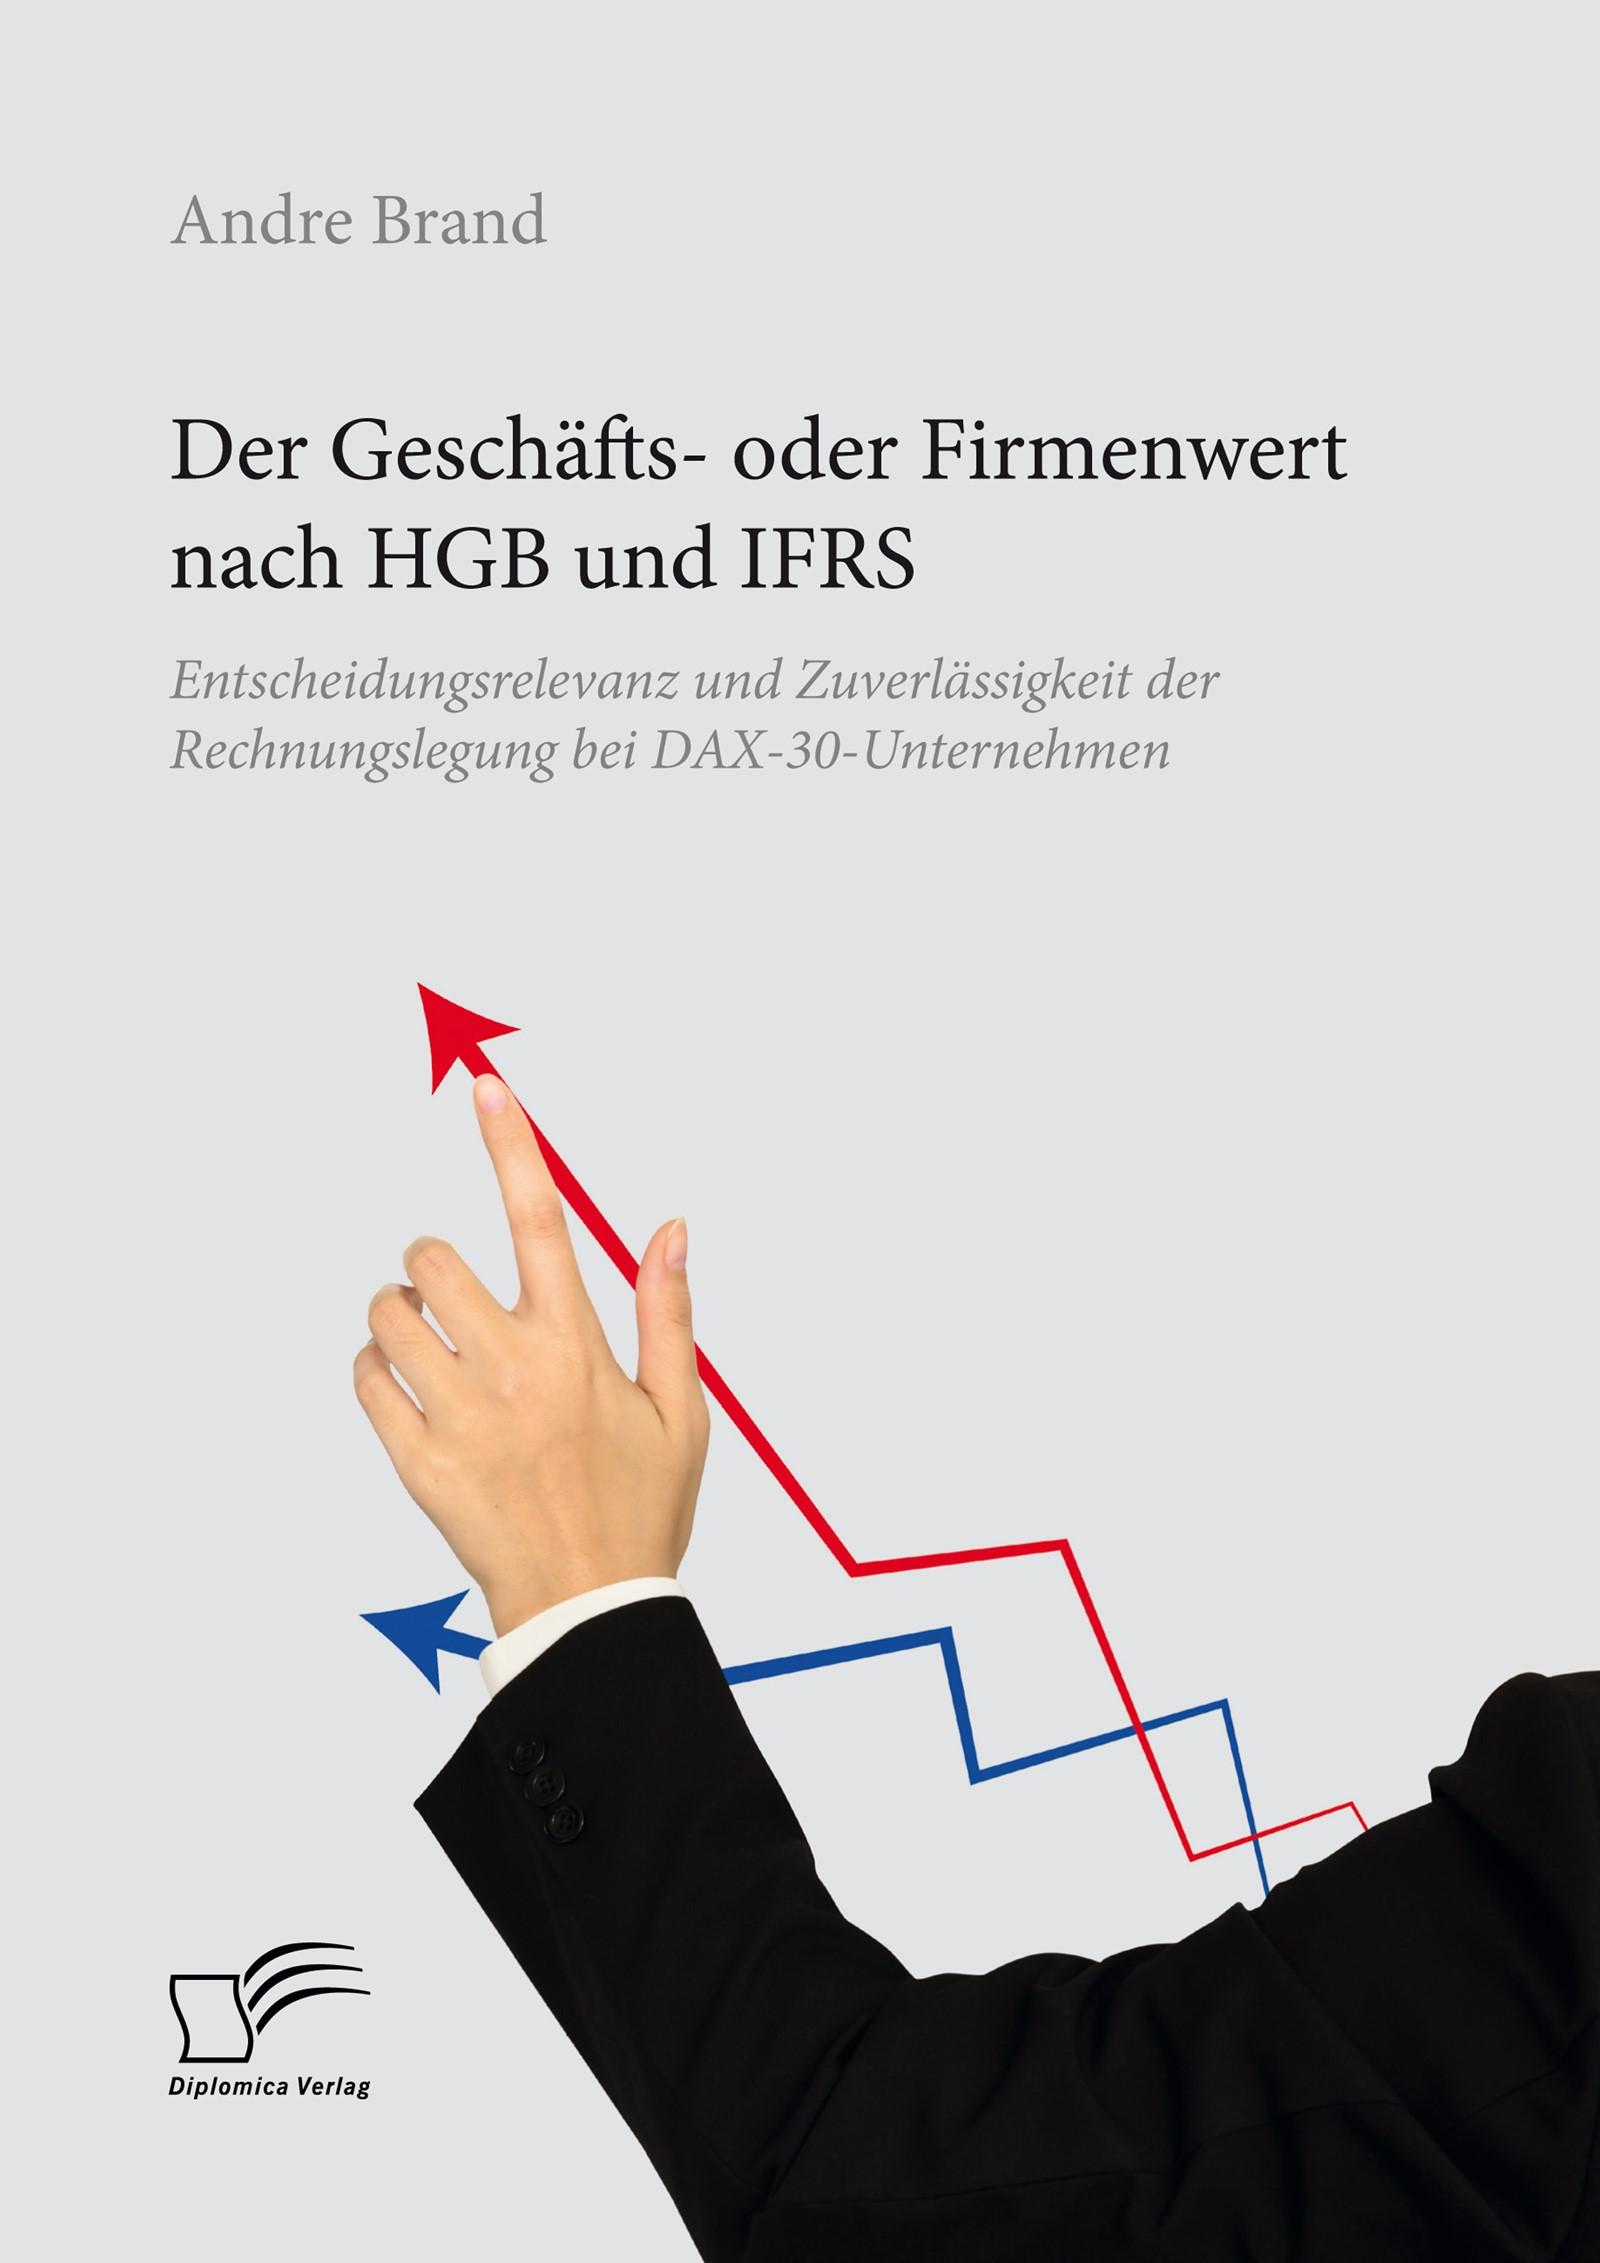 Der Geschäfts- oder Firmenwert nach HGB und IFRS. Entscheidungsrelevanz und Zuverlässigkeit der Rechnungslegung bei DAX-30-Unternehmen | Brand, 2018 | Buch (Cover)